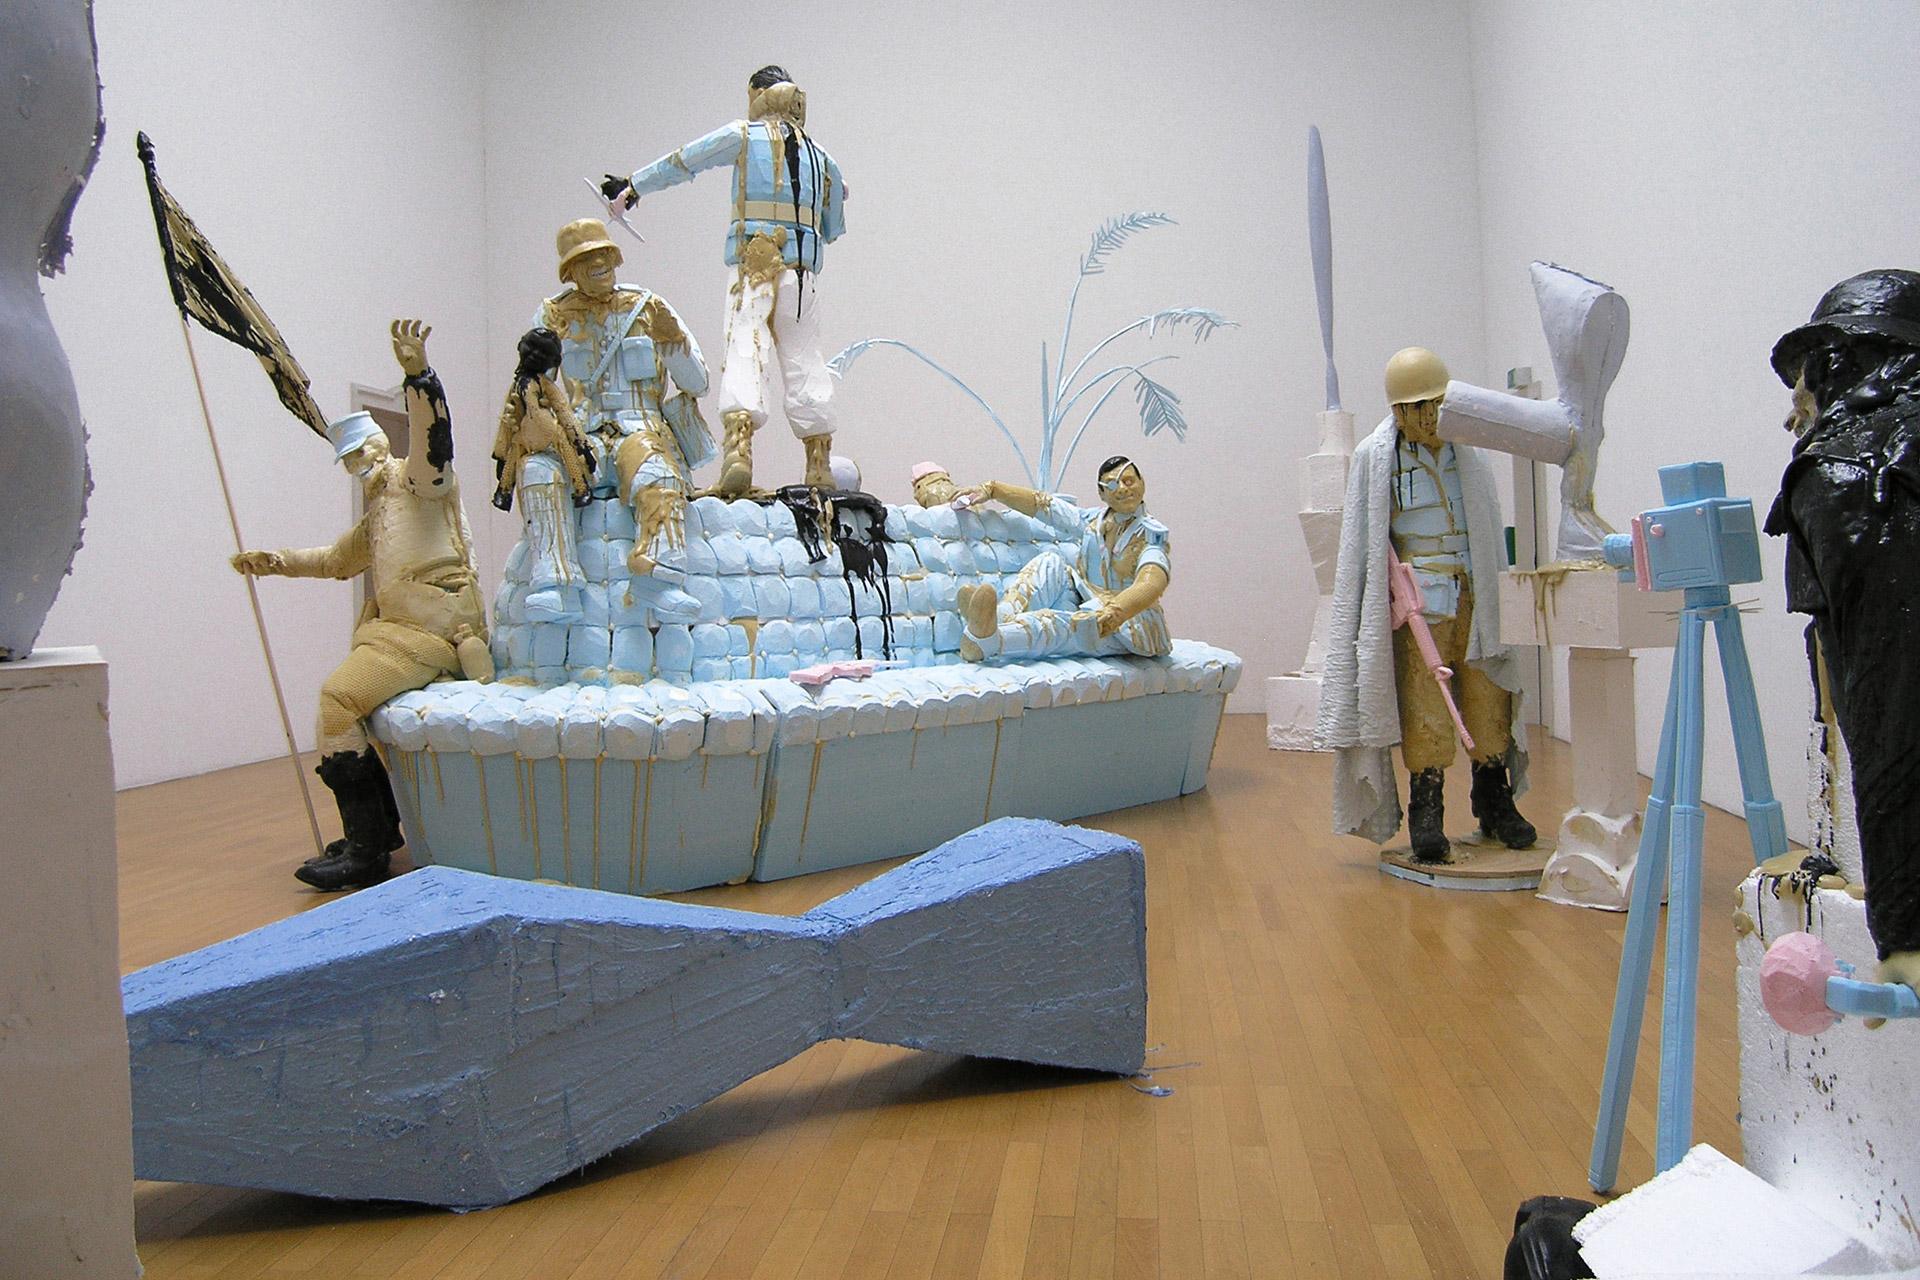 Folkert-de-Jong-Kunsthalle-Winterthur-2006.jpg